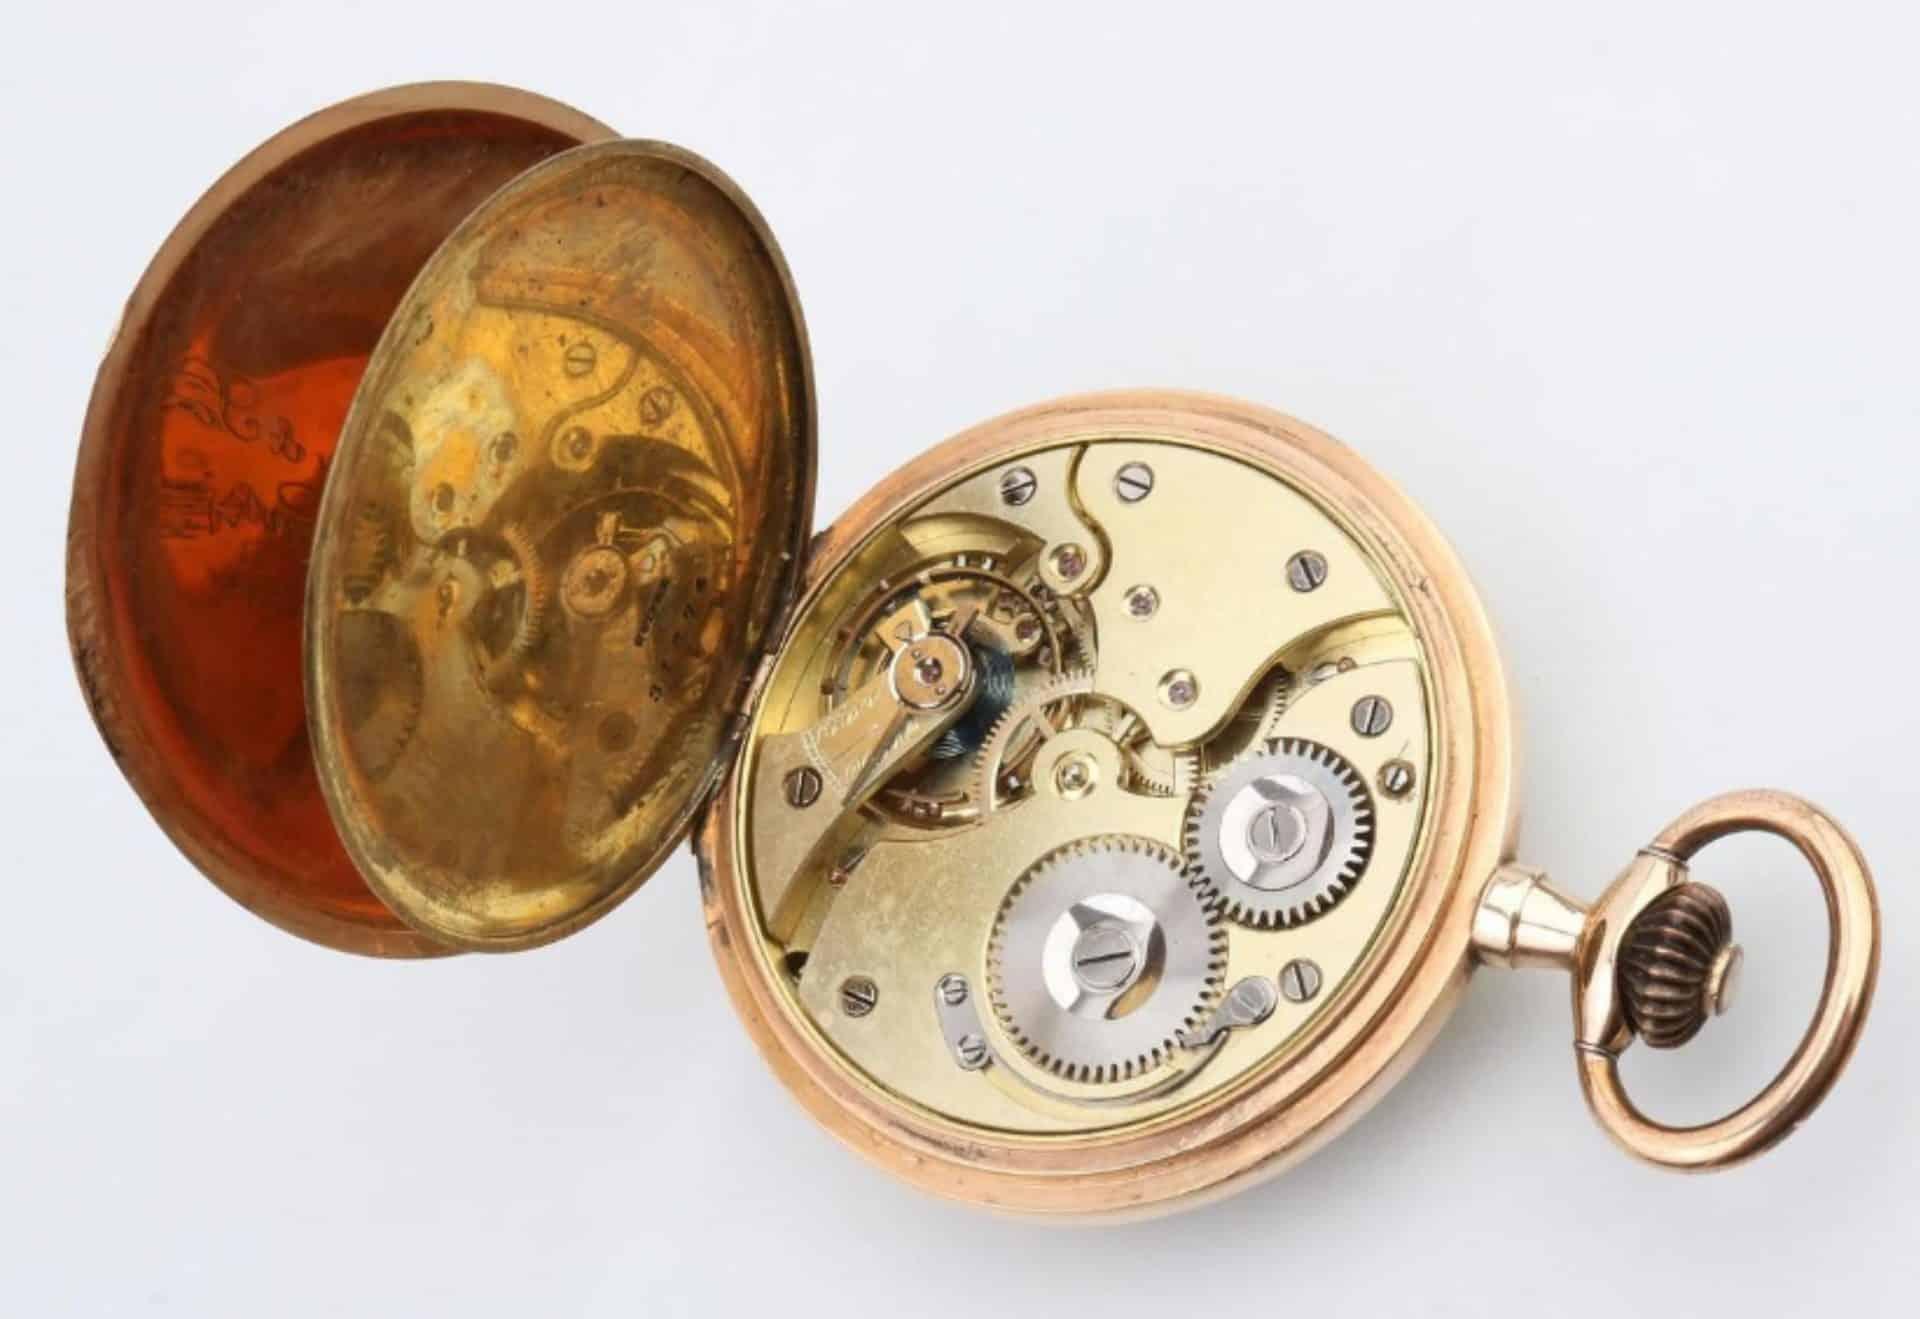 Das Uhrwerk einer Suchy Taschenuhr aus dem Dorotheum Wien